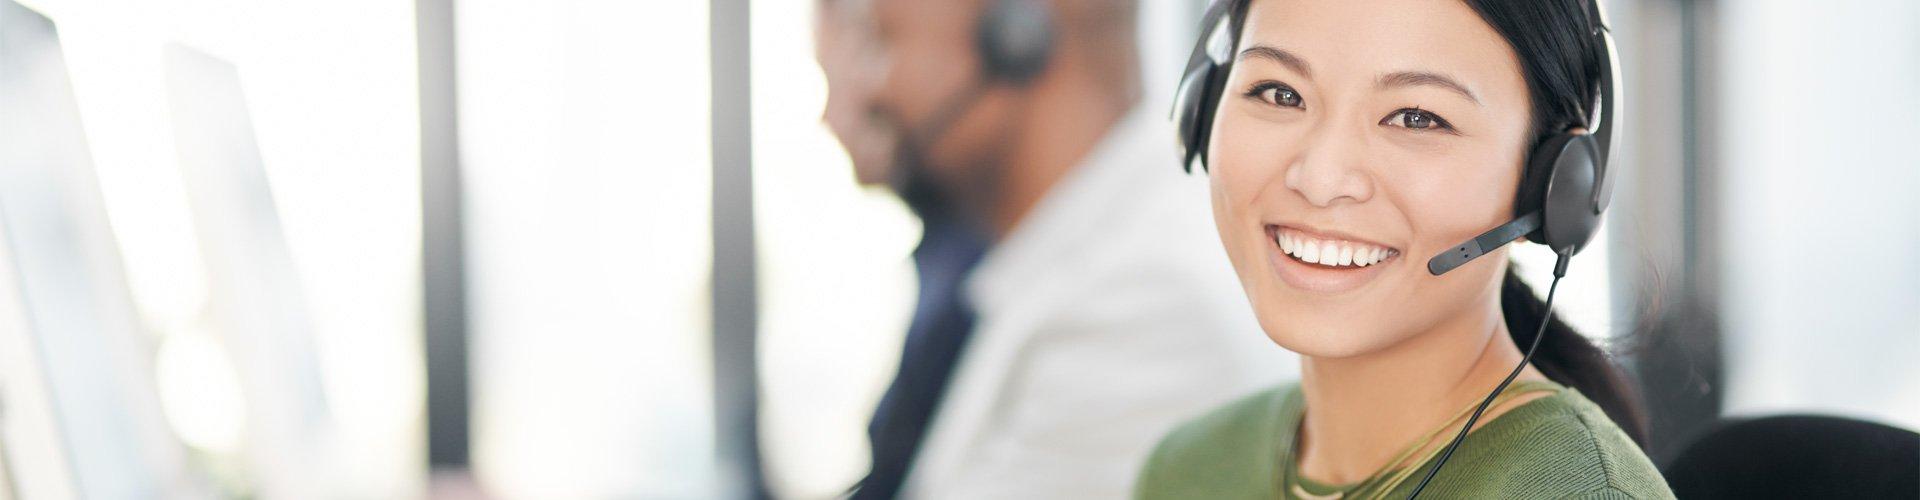 İşitme cihazı kullanan bir müşteriyle telefonda konuşan kadın.